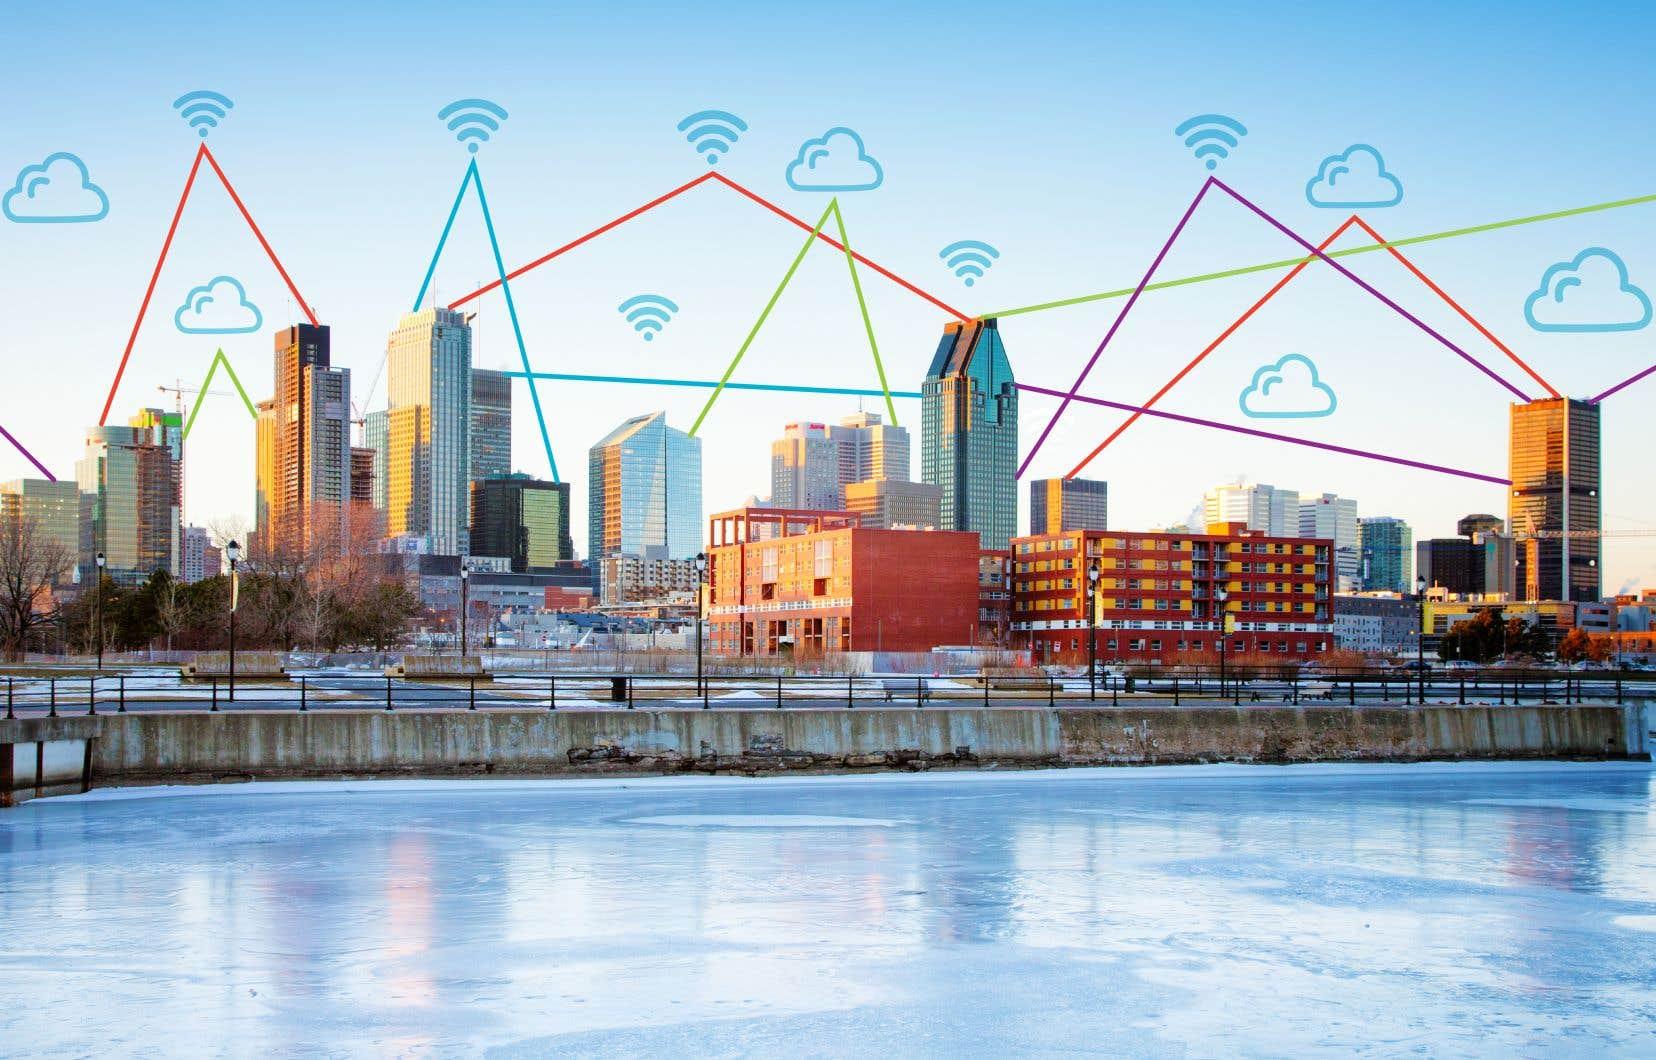 Vue du LabVI, avec le centre-ville de Montréal en arrière-plan